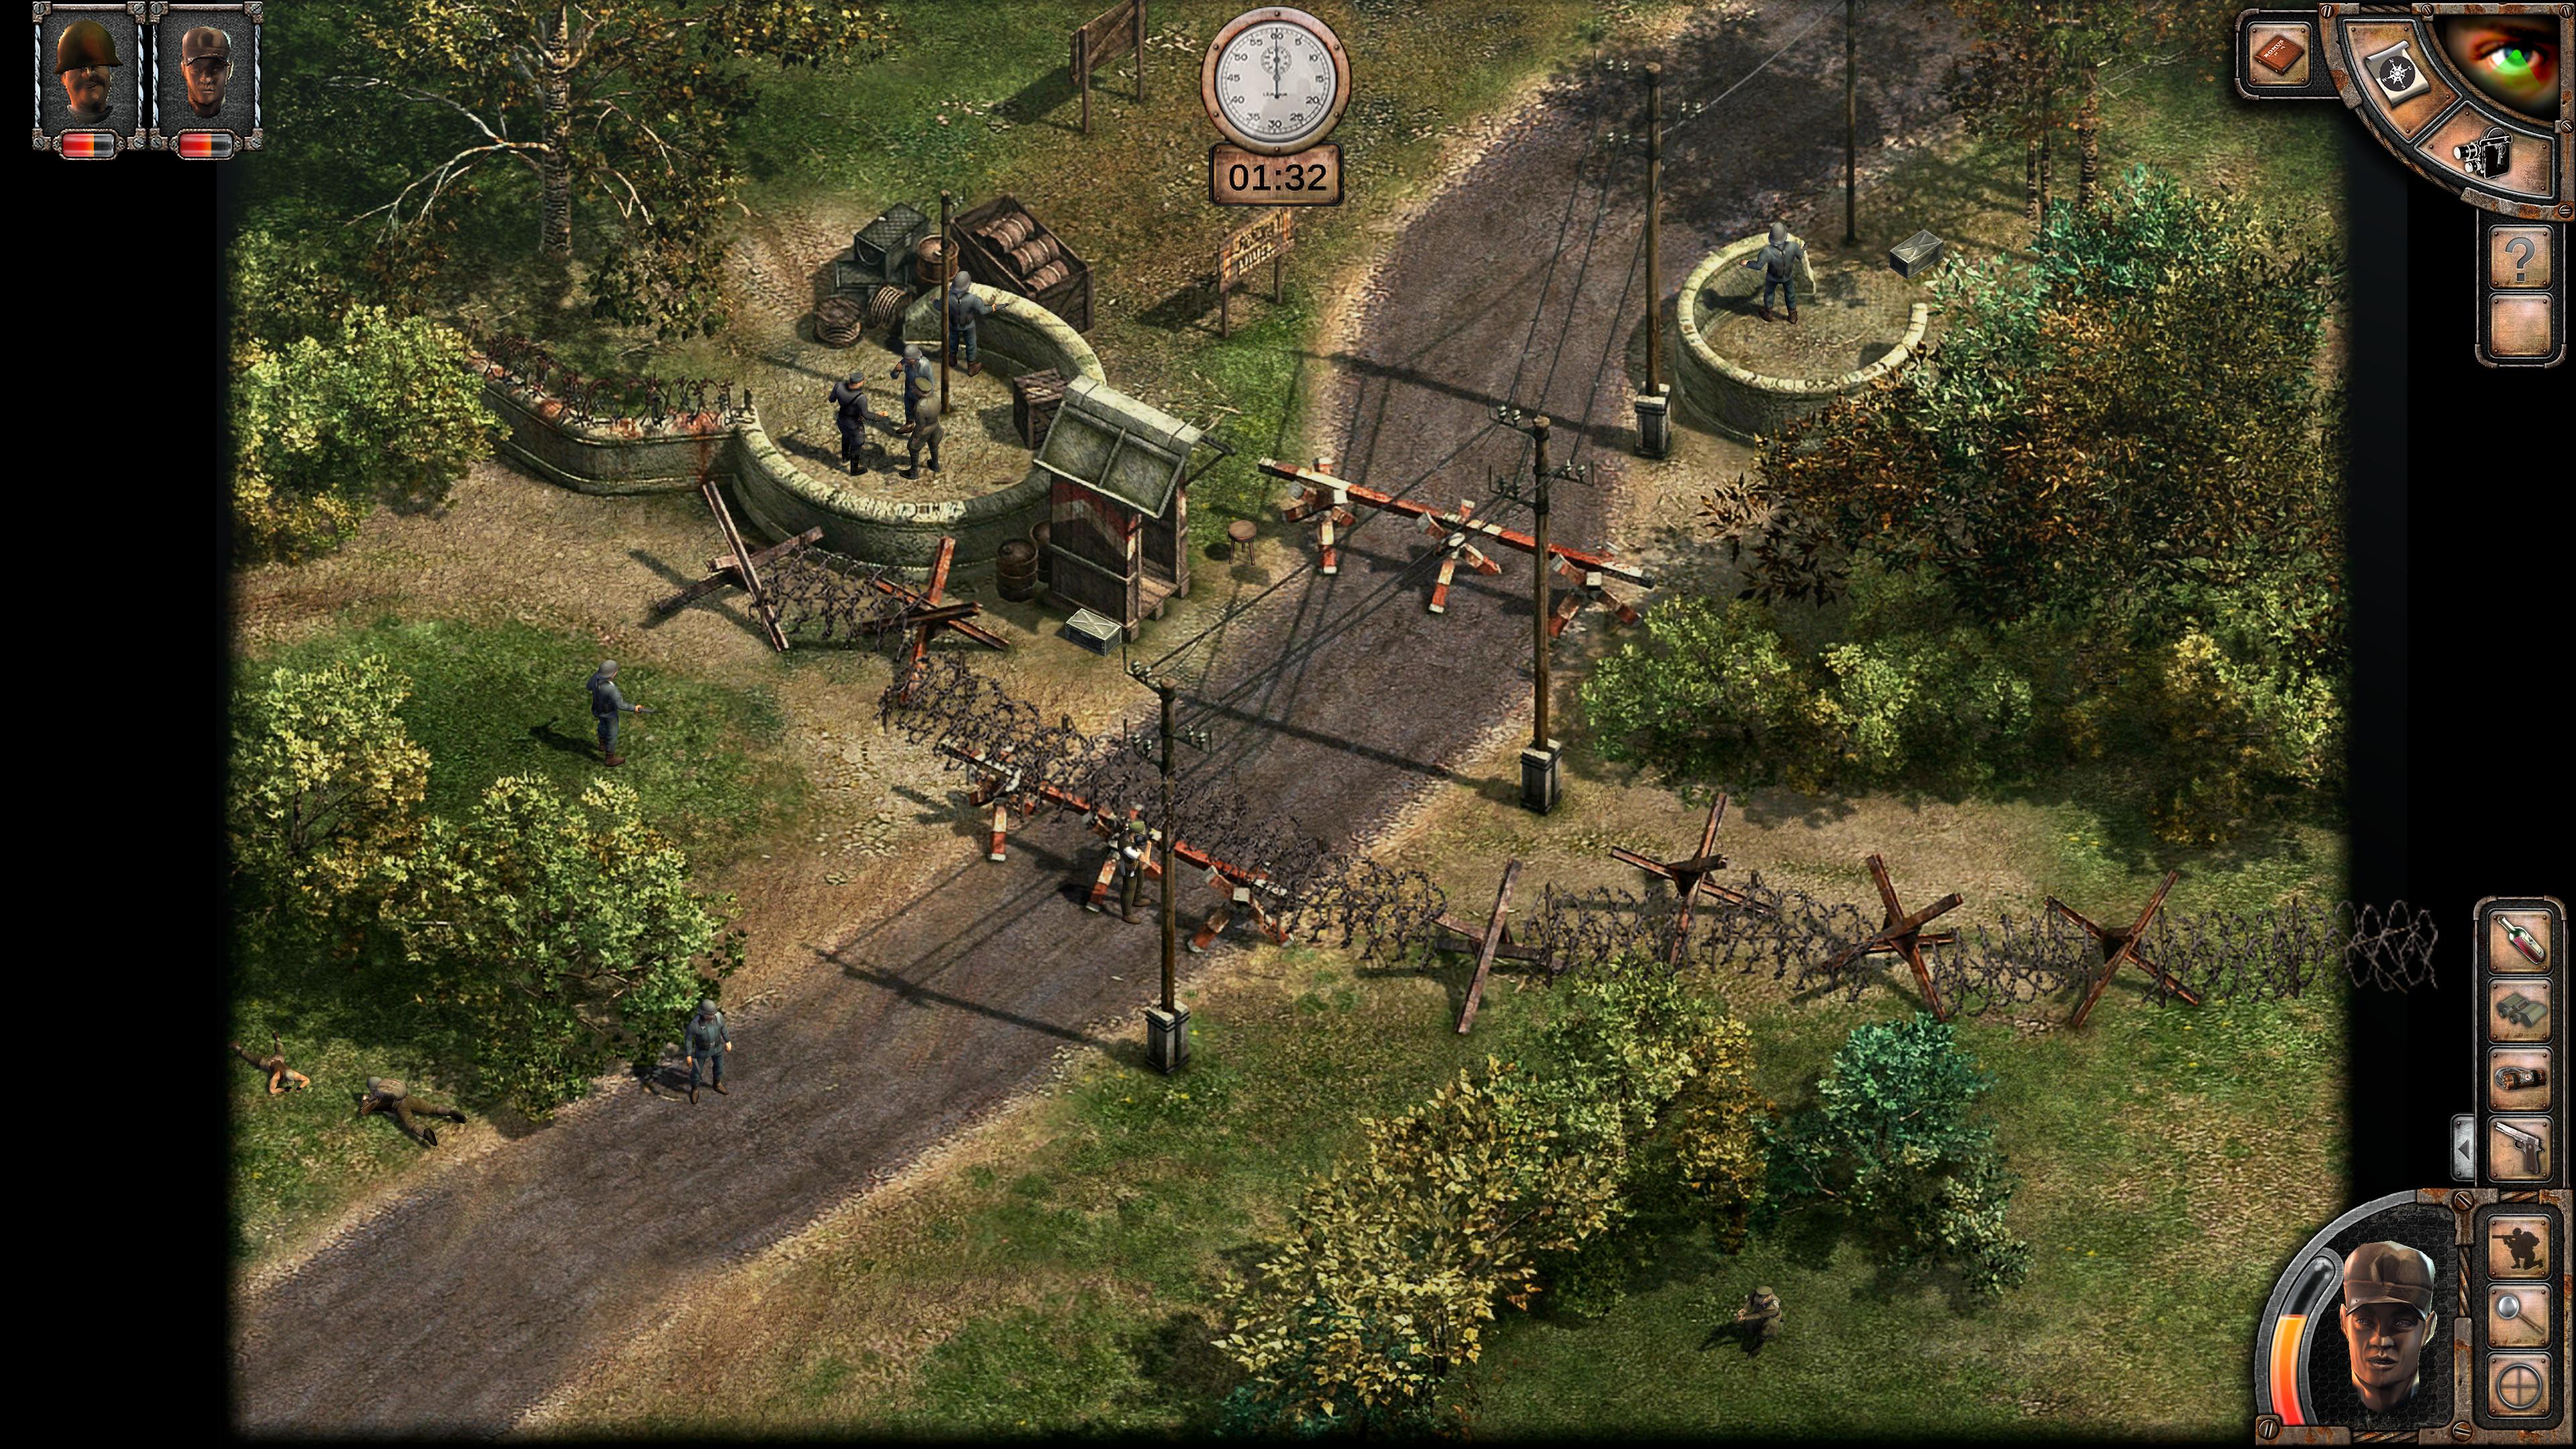 Стратегия коммандос онлайн бесплатно играть в онлайн игры стрелялки с регистрацией